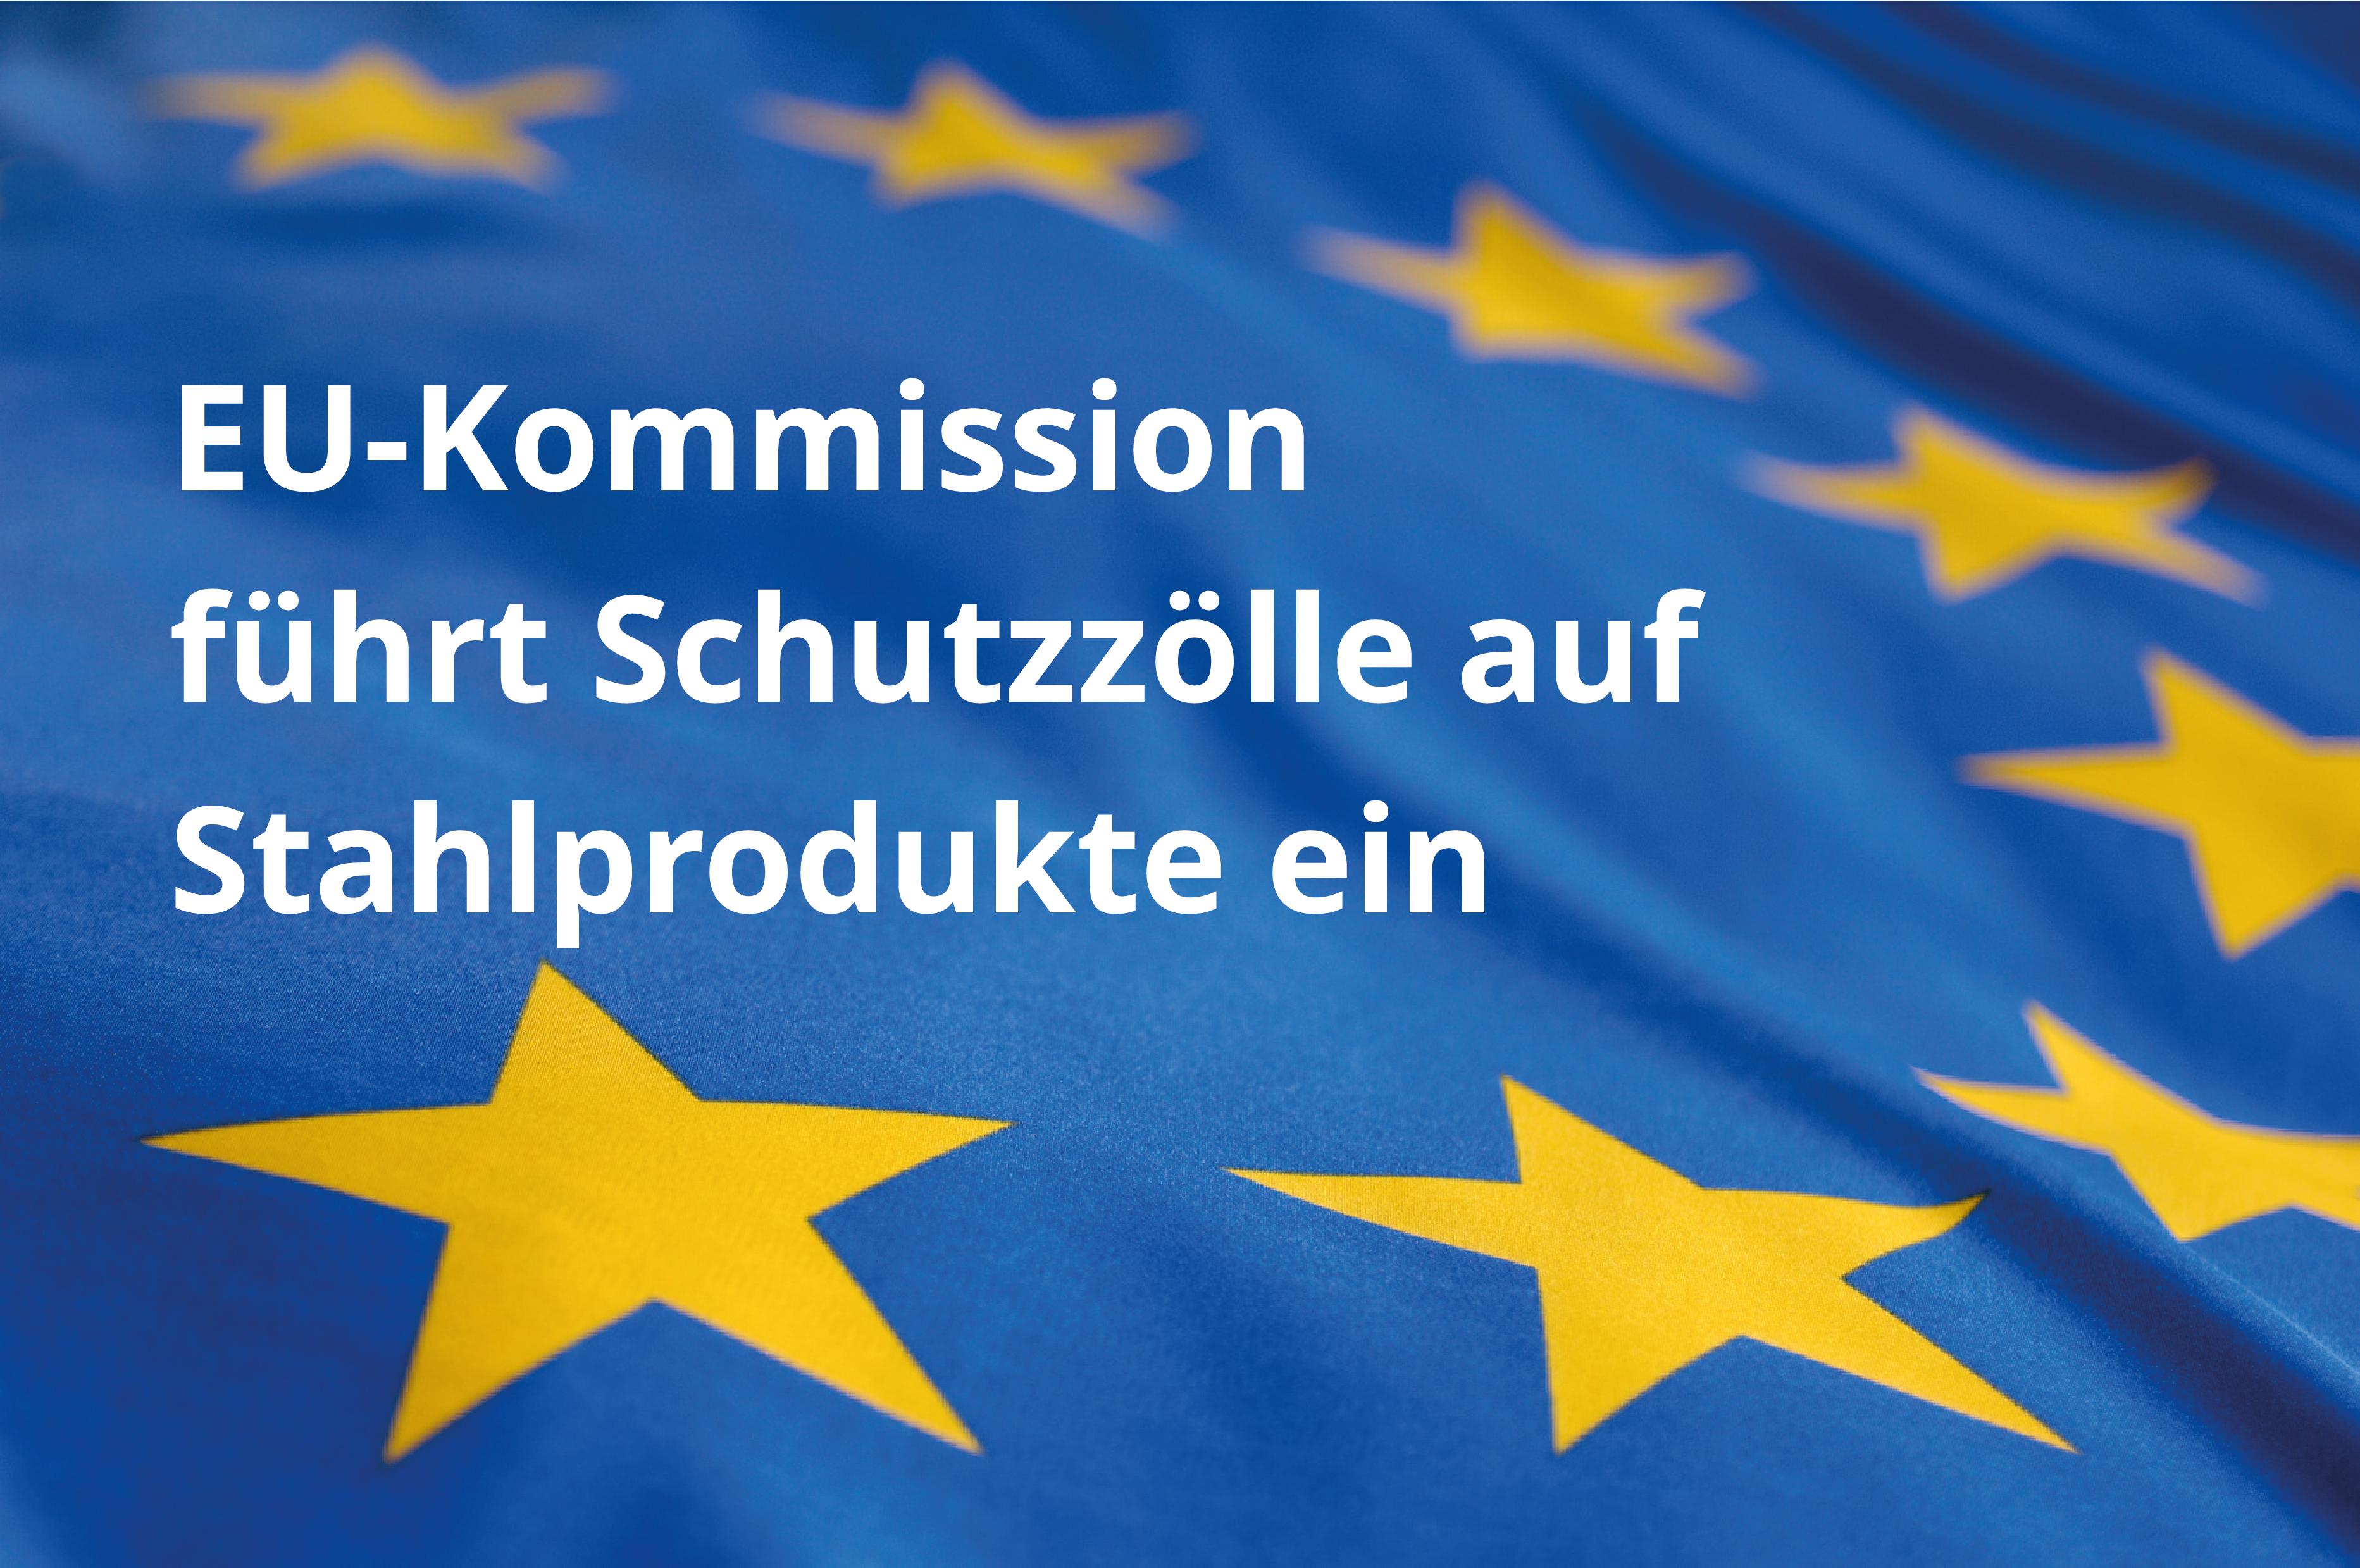 EU-Kommission führt Schutzzölle auf Stahlprodukte ein